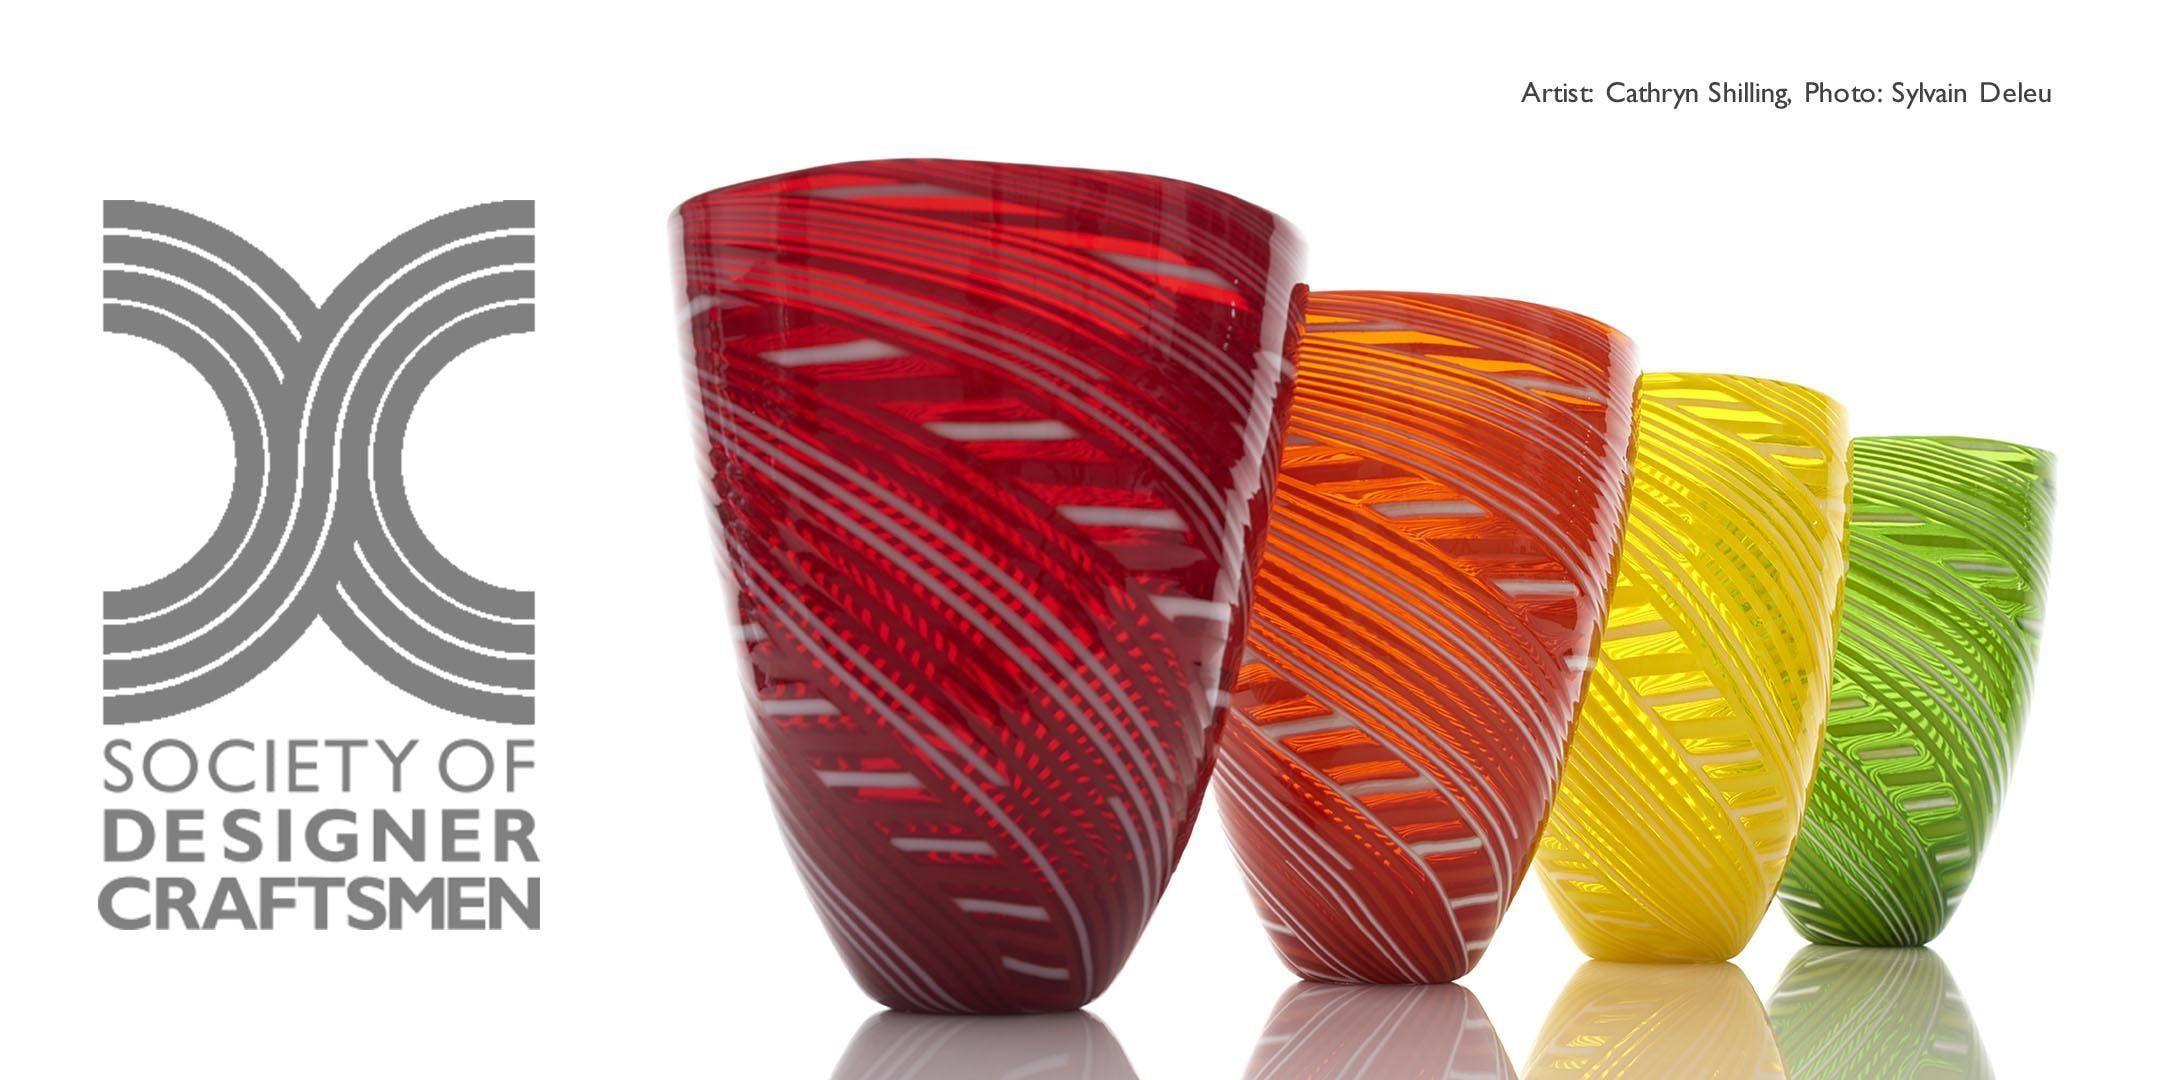 Society of Designer Craftsmen Designer Crafts 2018 Hand of the Maker